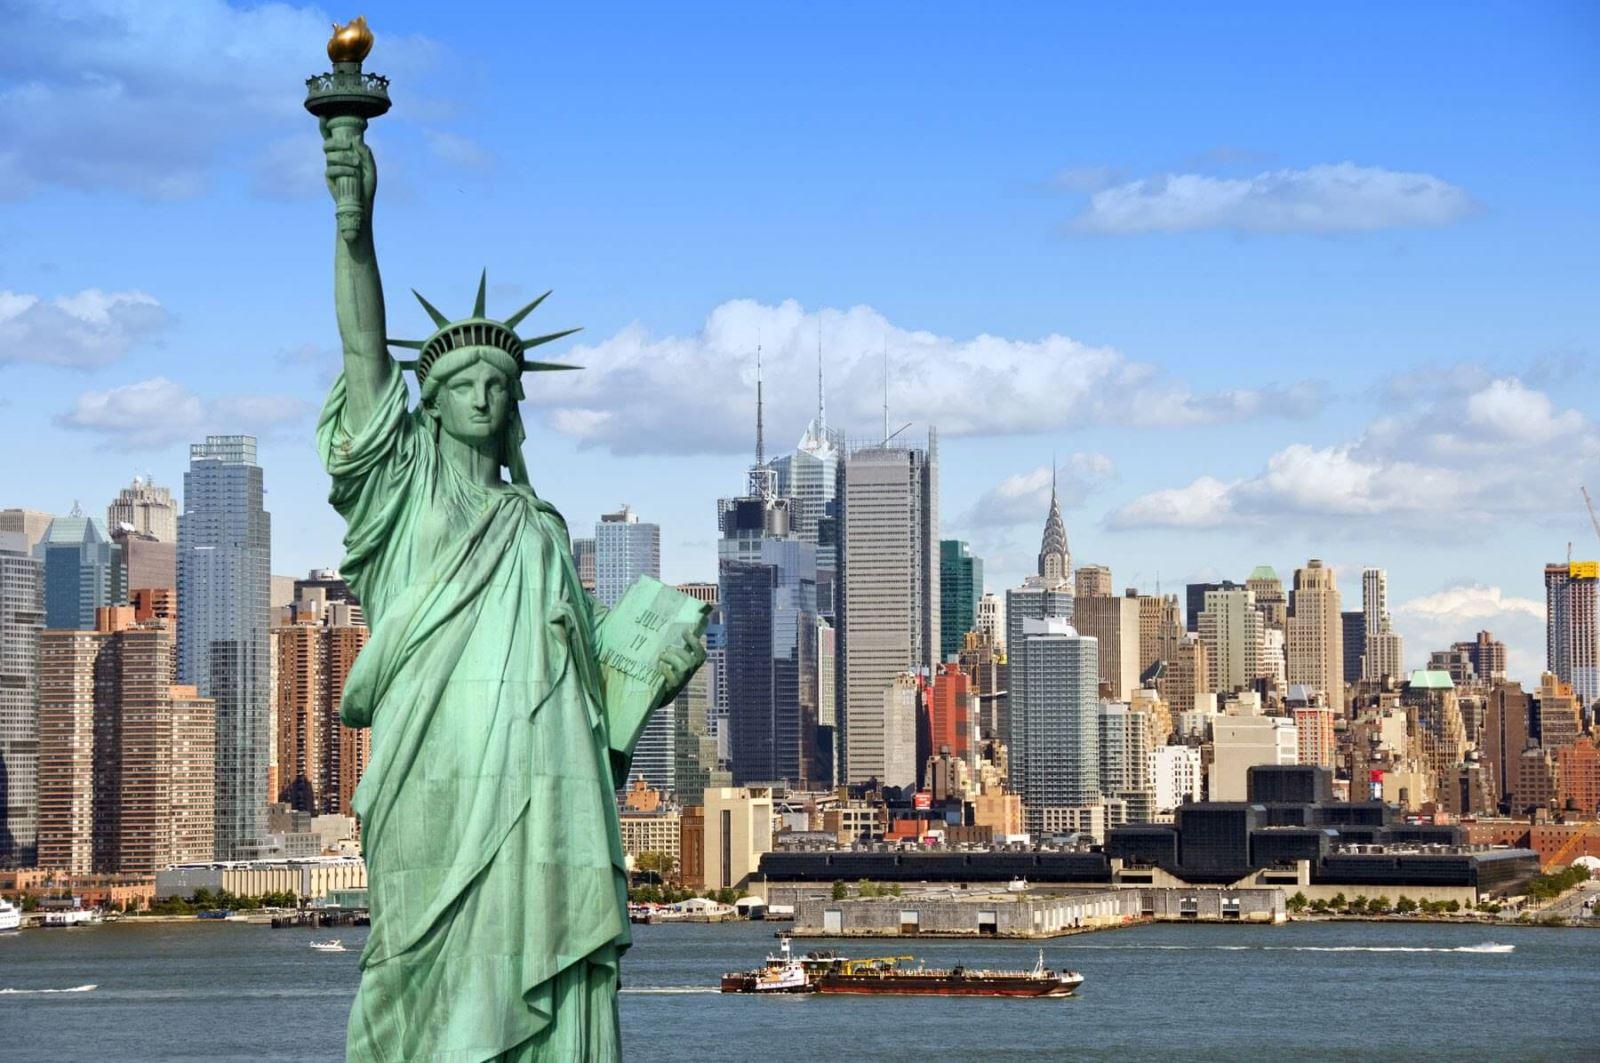 Thời gian làm hồ sơ xin visa Mỹ phụ thuộc nhiều yếu tố